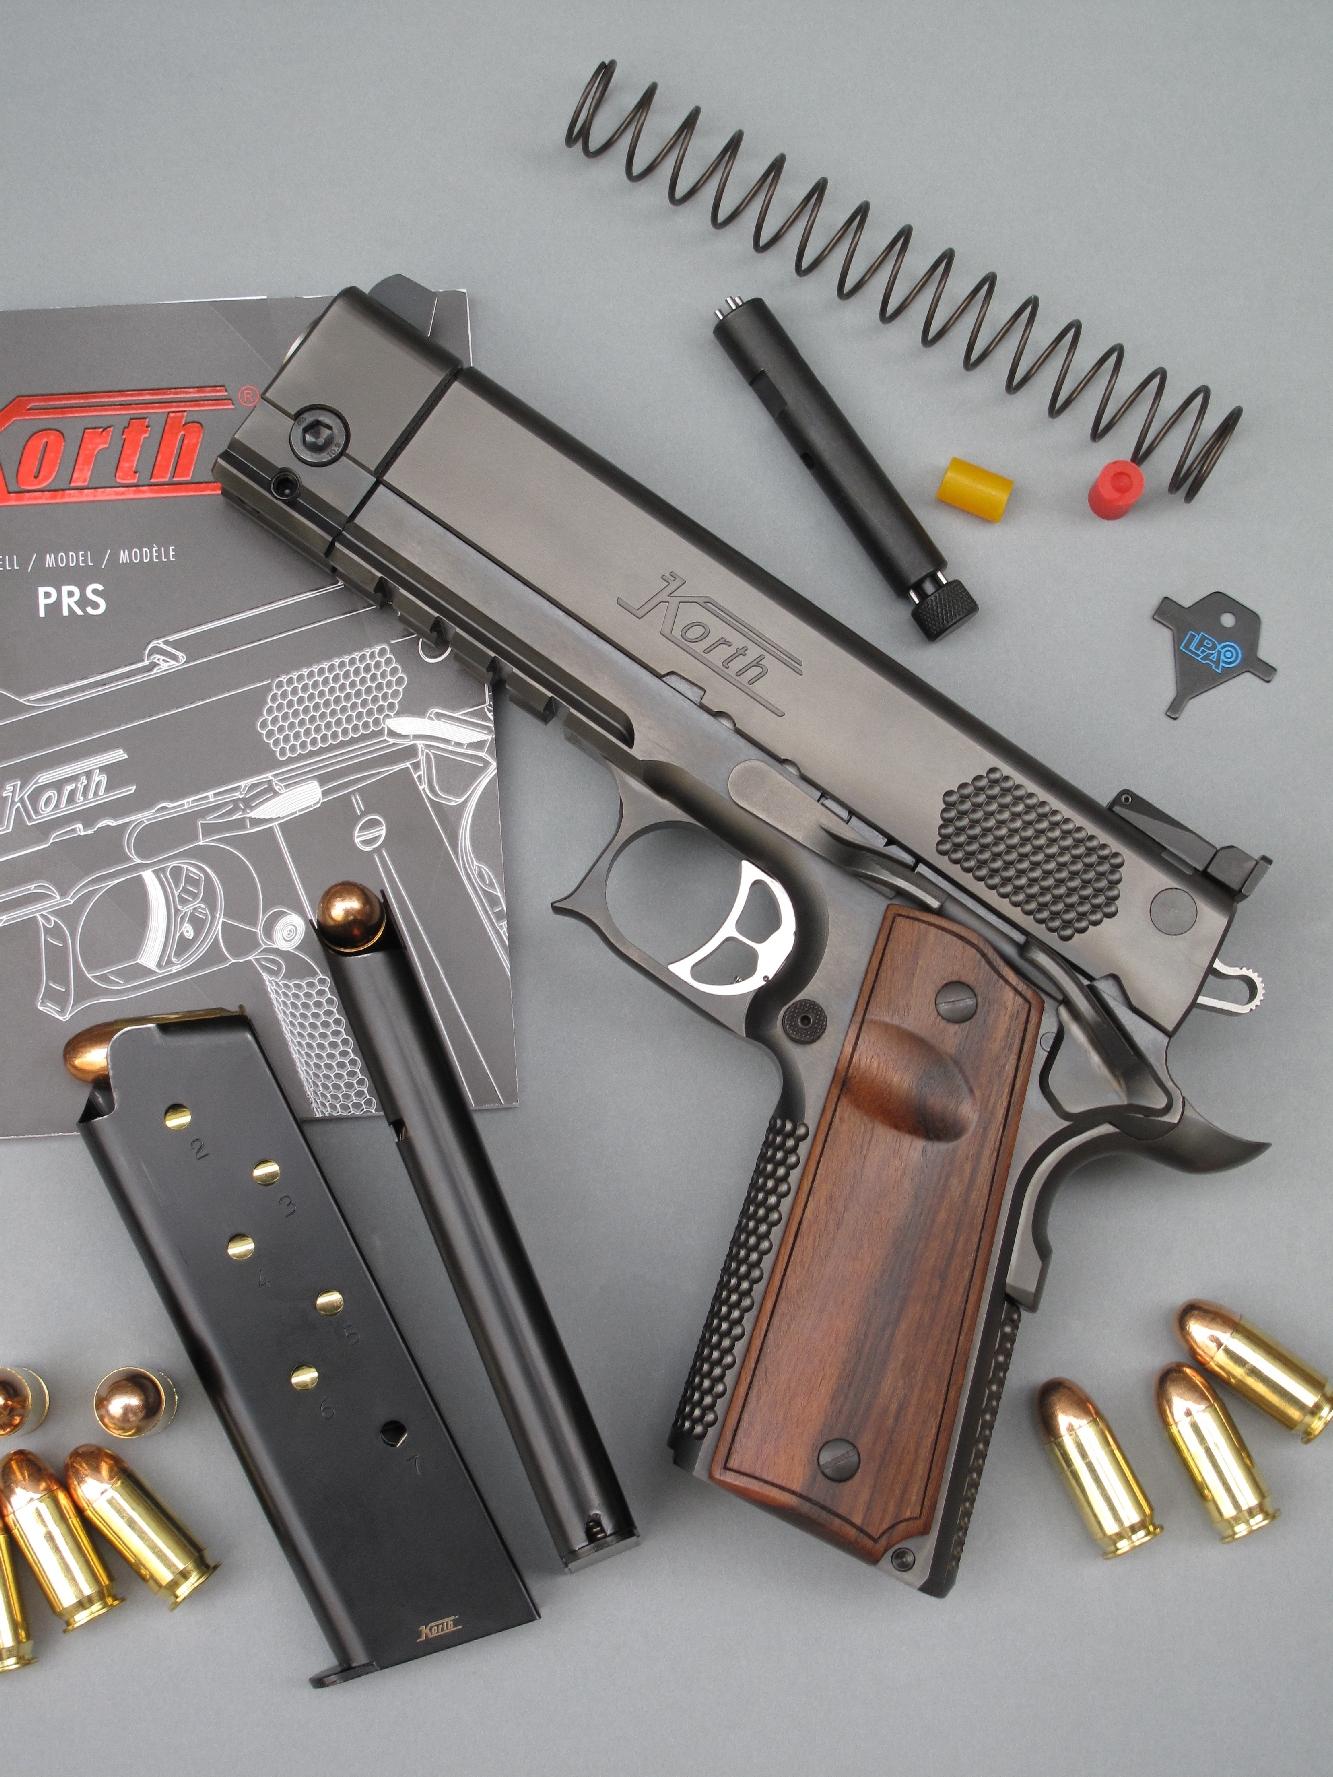 Le pistolet Korth PRS 5 pouces est accompagné ici par les divers éléments fournis avec l'arme par le fabricant, à savoir : deux chargeurs de 7 coups ; deux ressorts récupérateurs (le modèle le plus puissant étant installé sur l'arme) ; trois amortisseurs de glissière (le modèle le plus souple étant installé sur l'arme) ; un outil spécifique pour le démontage ; une clé multiple pour le réglage de la hausse et un manuel utilisateur.